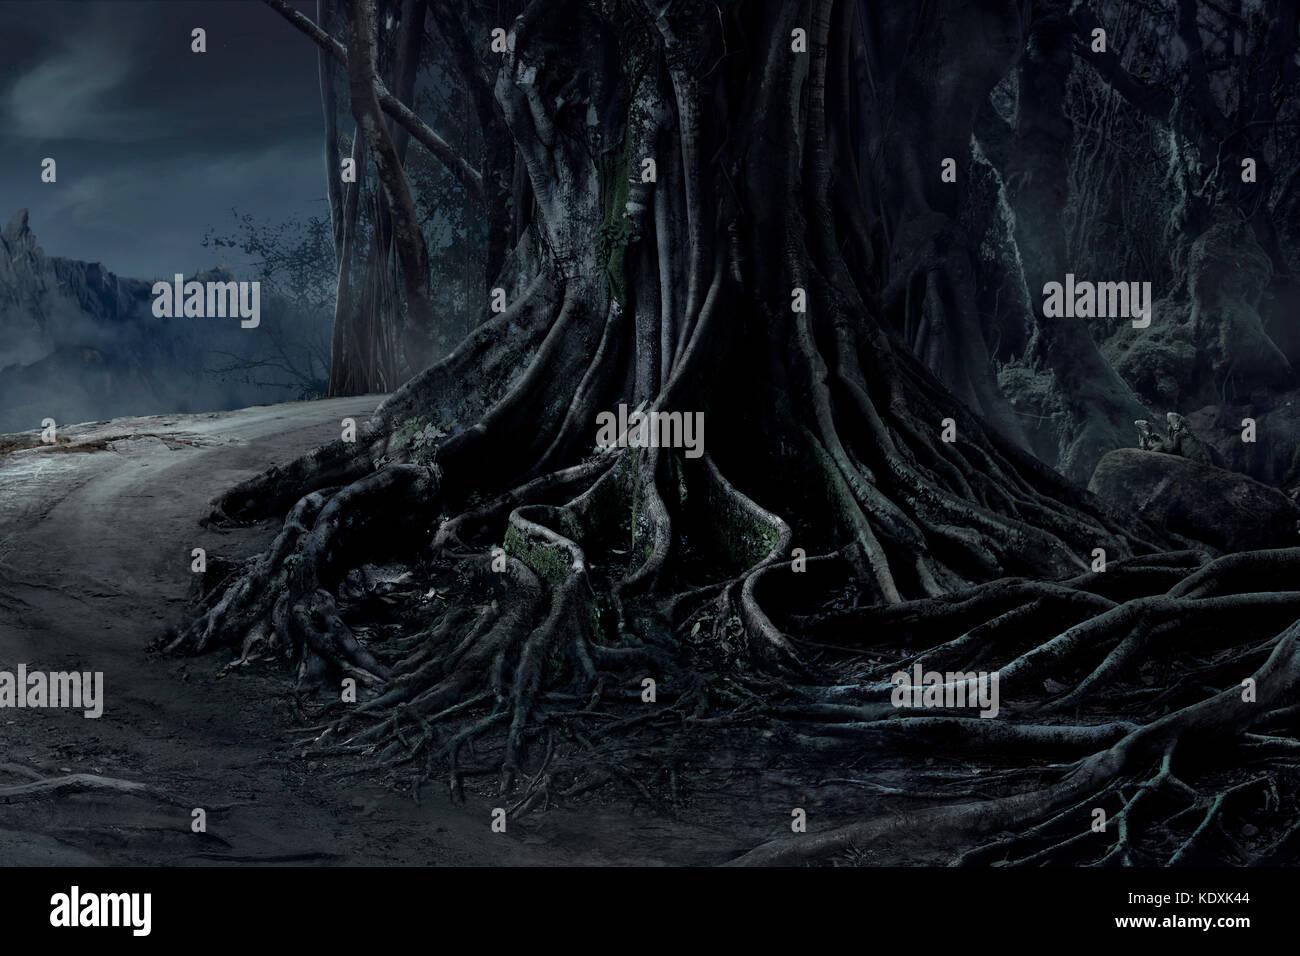 Spooky halloween muerto bosque misterioso árbol grande paisaje con fondo de niebla en la noche Imagen De Stock